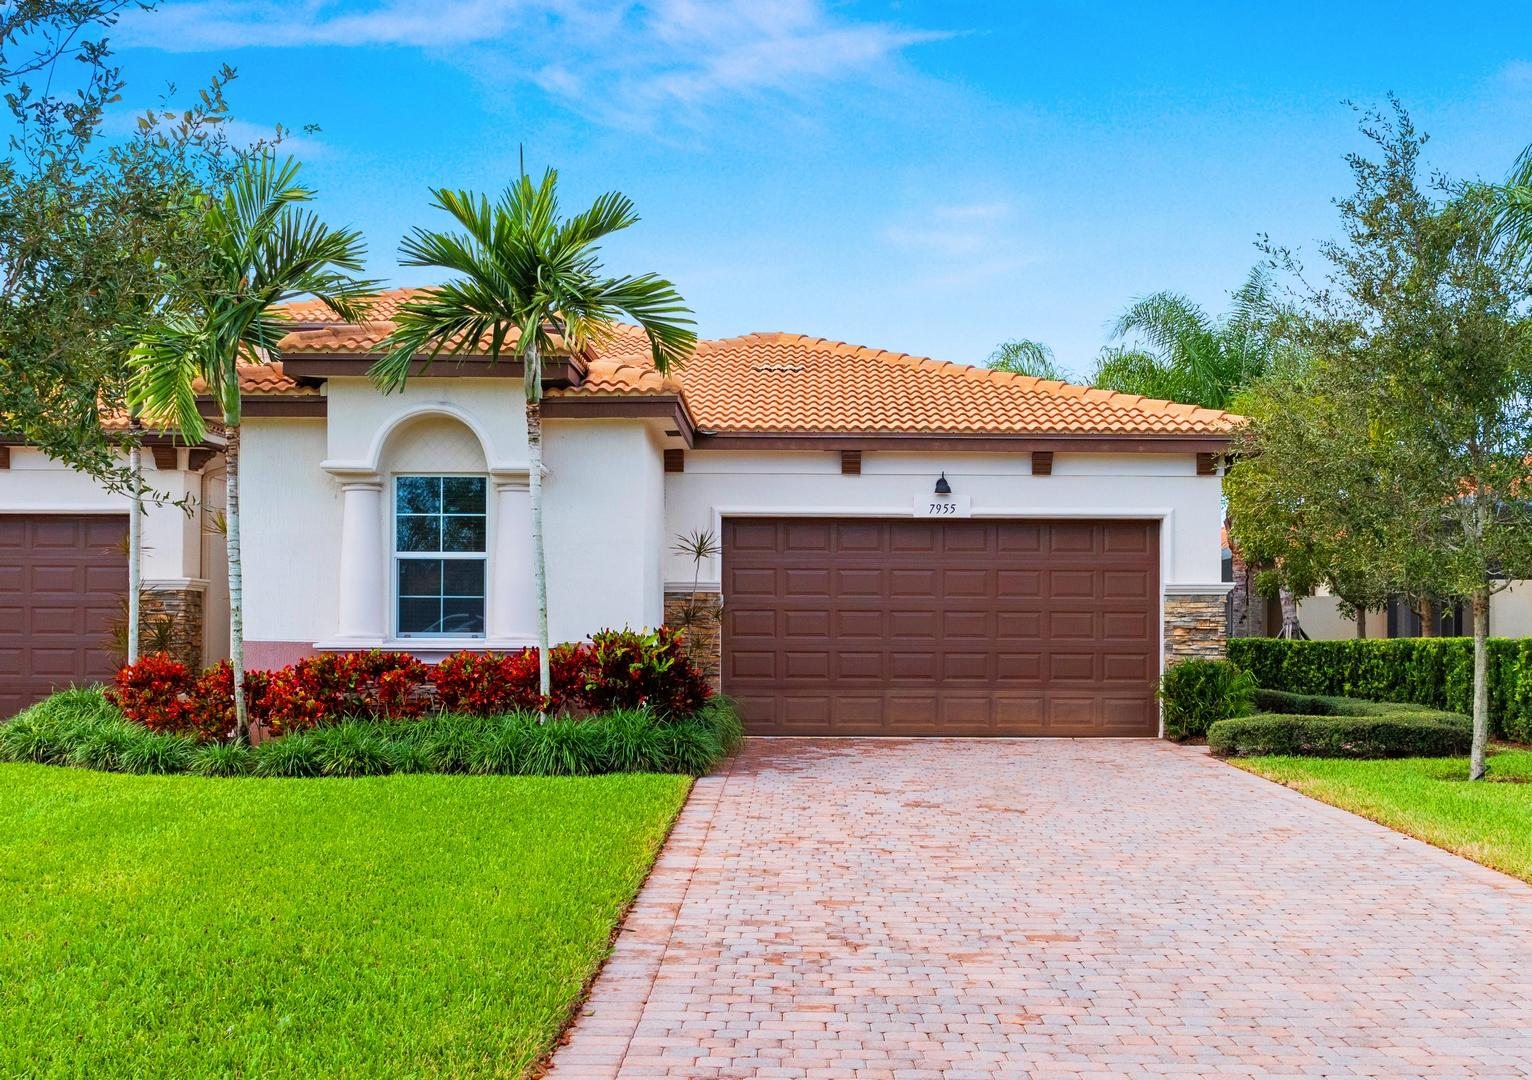 Home for sale in Villaggio Reserve Delray Beach Florida